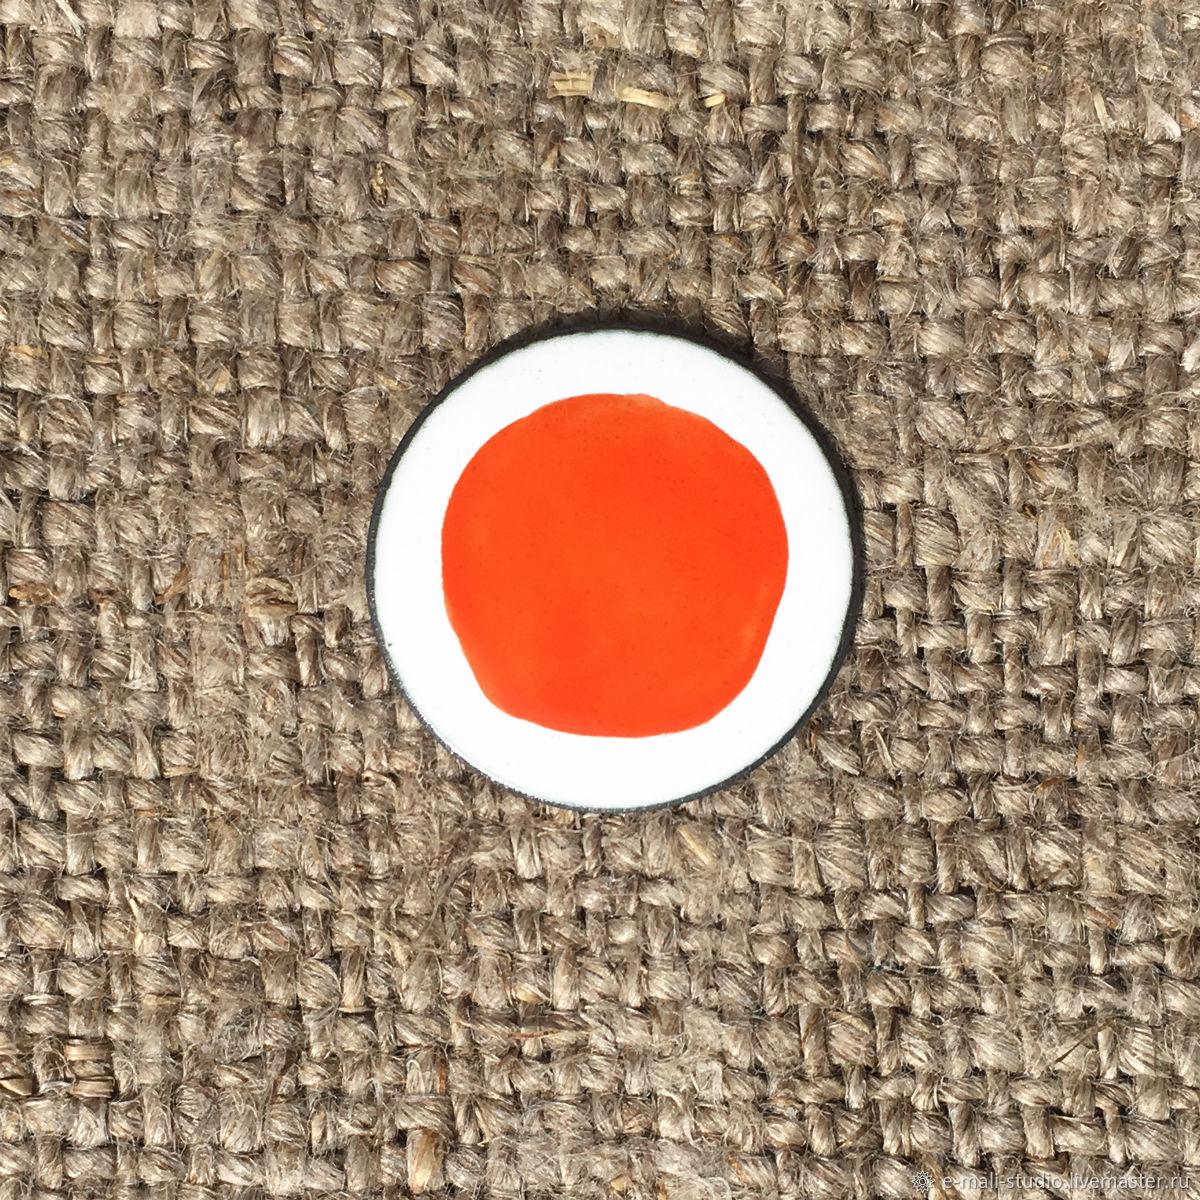 Краска надглазурная FERRO Sunshine №171250 оранжевая, Заготовки для украшений, Санкт-Петербург,  Фото №1